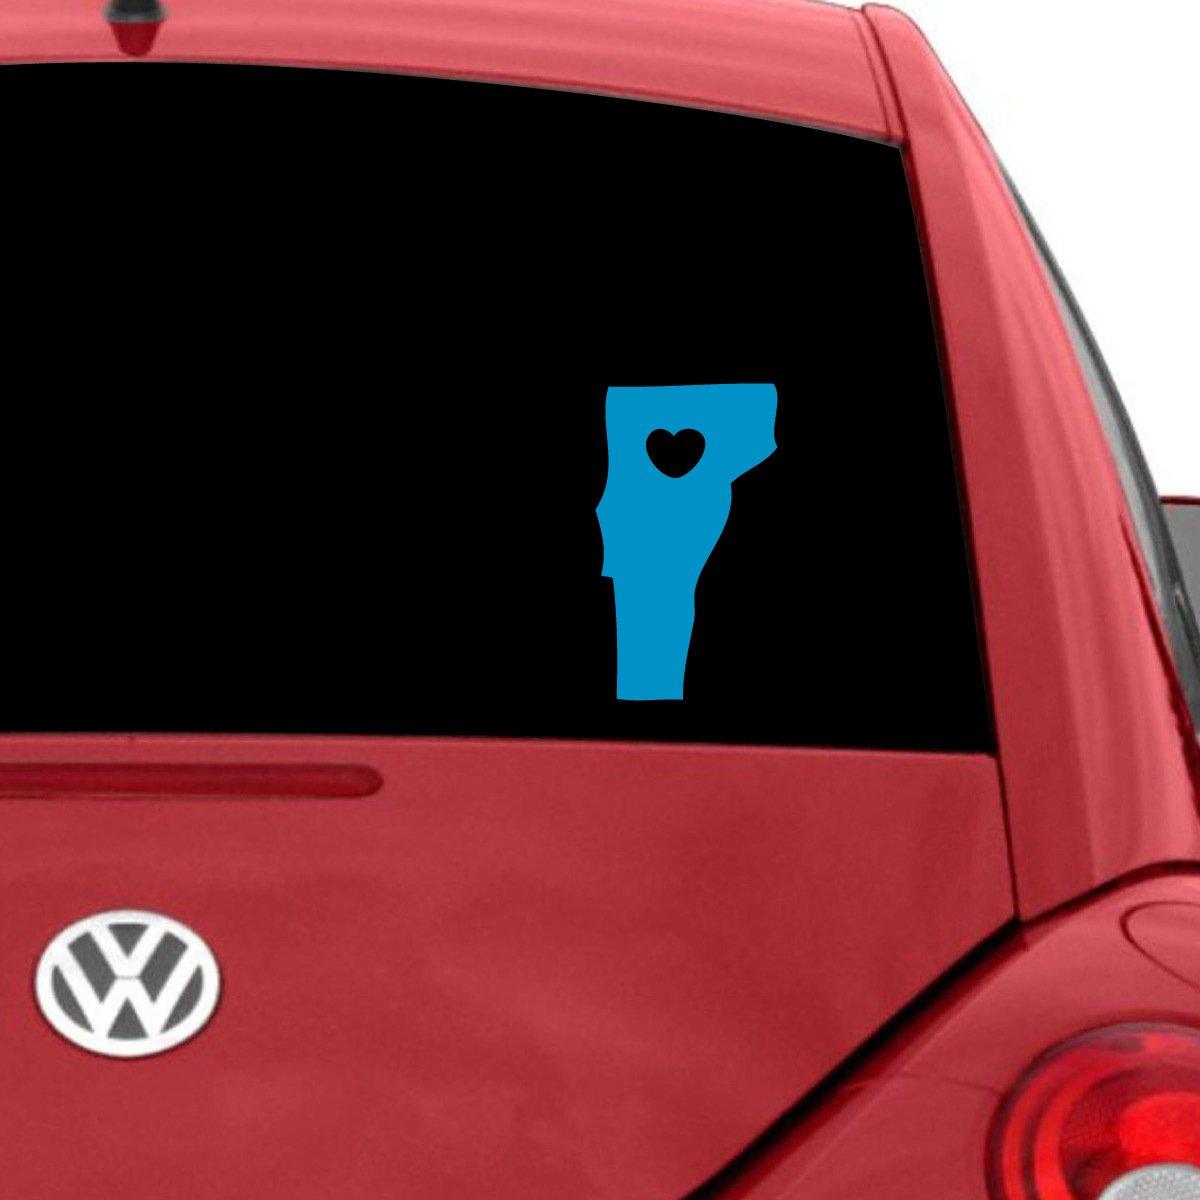 超熱 I Love W Decal Vermont車デカール、Die グレー Cut Vinyl Decal for Windows車、トラック、ツールボックス、ノートパソコン、ほぼすべてmacbook-ハード、滑らかな表面 7